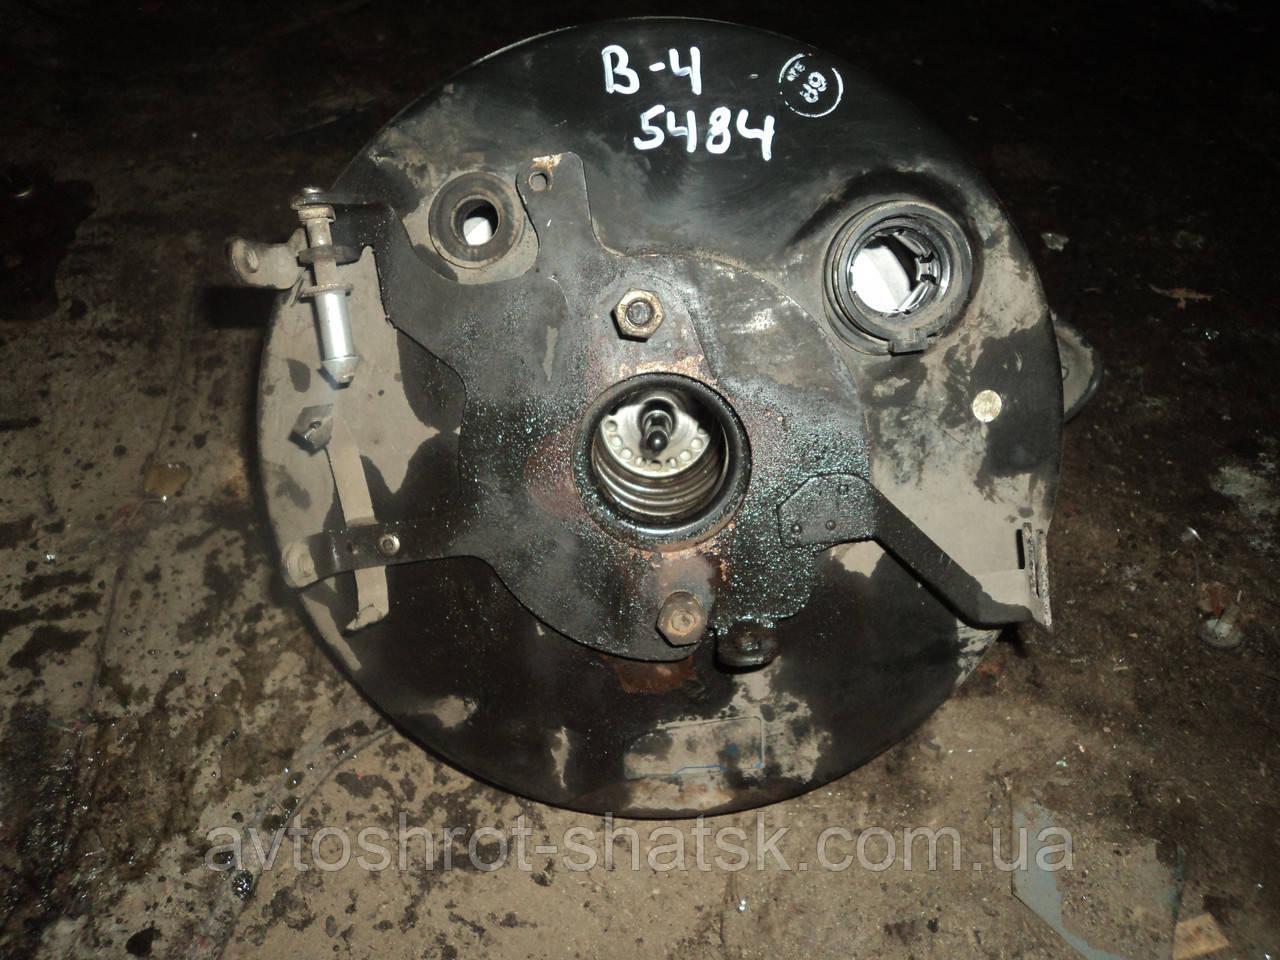 Б/У вакуумний усилитель тормозов пассат б4